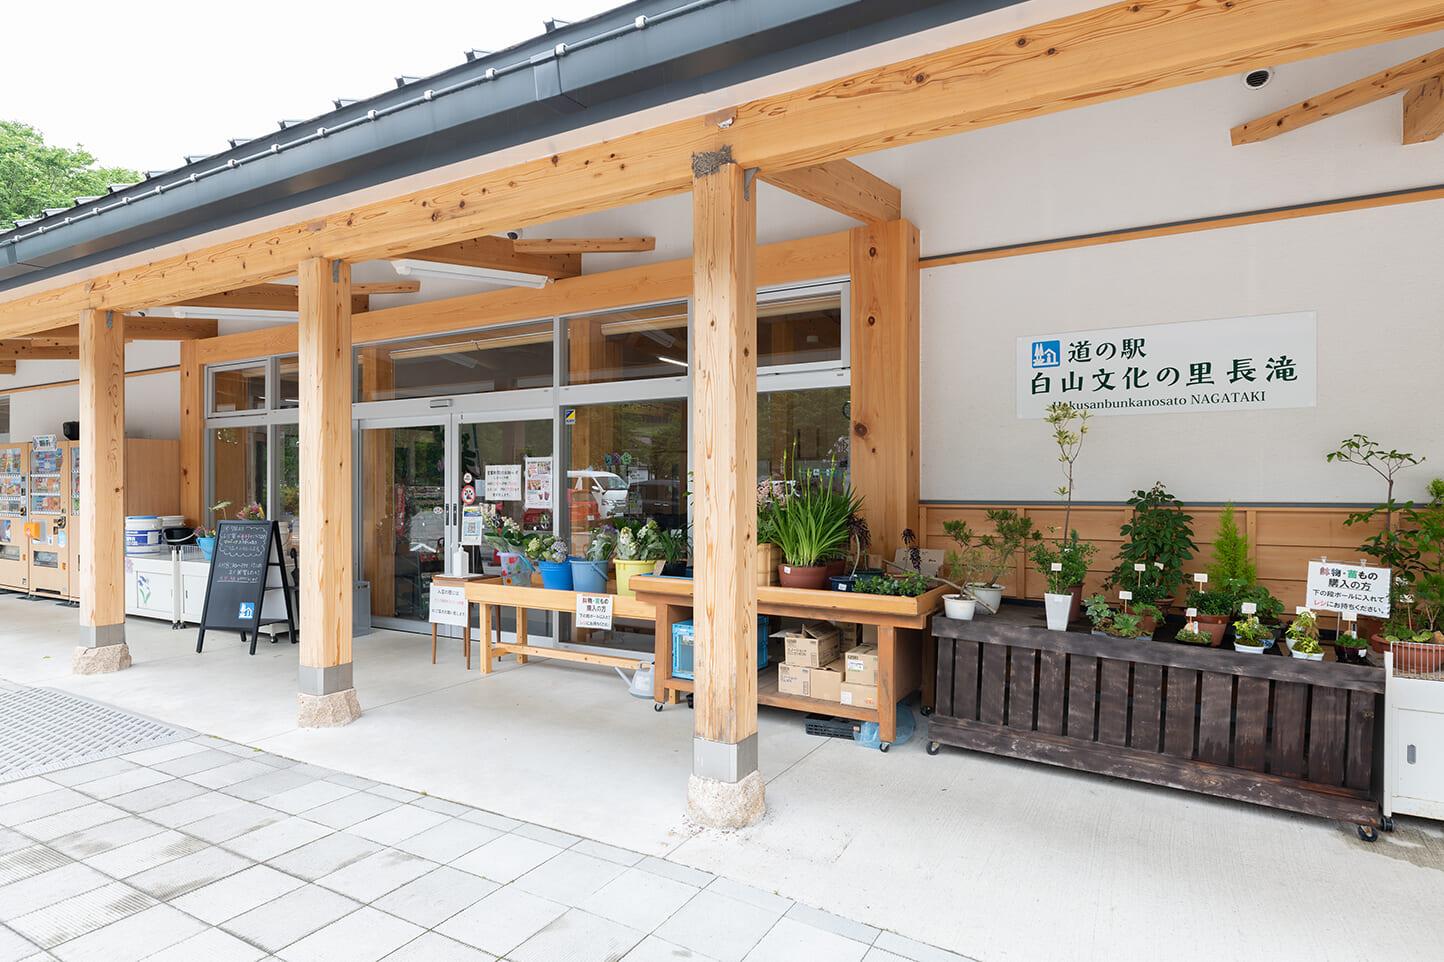 道の駅「白山文化の里長滝」 スライダー画像1